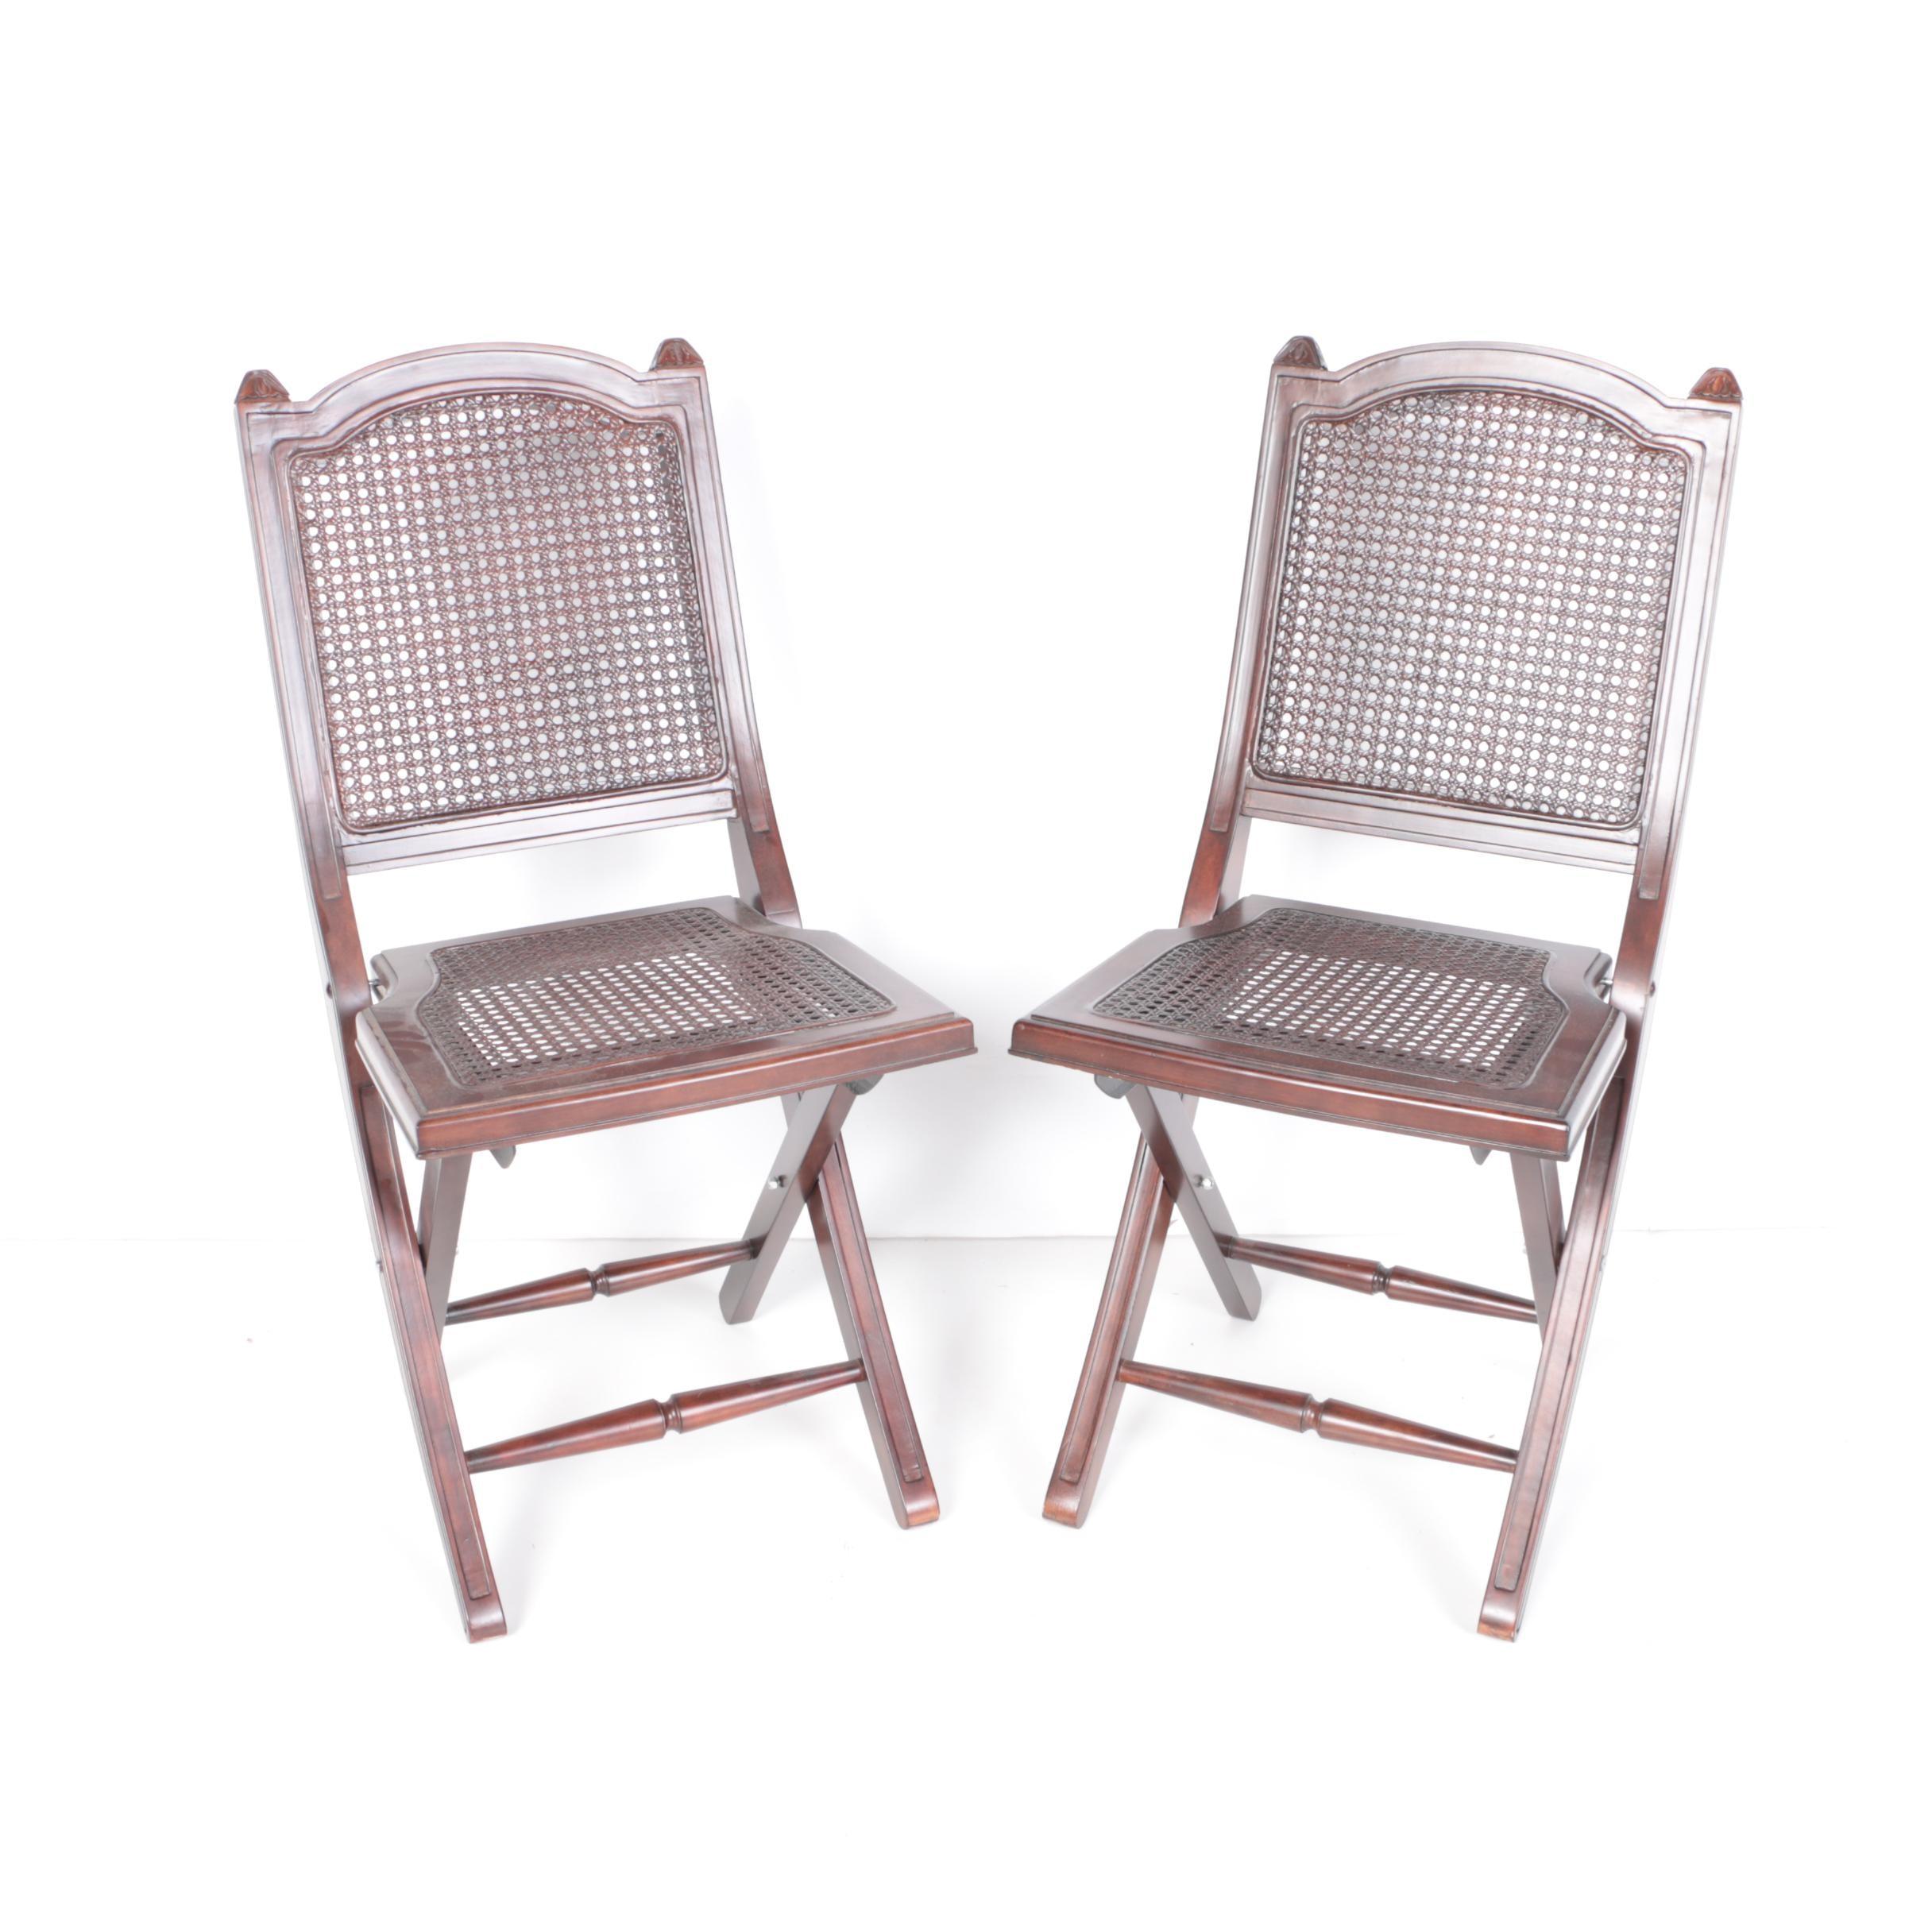 Wicker Back Folding Chairs